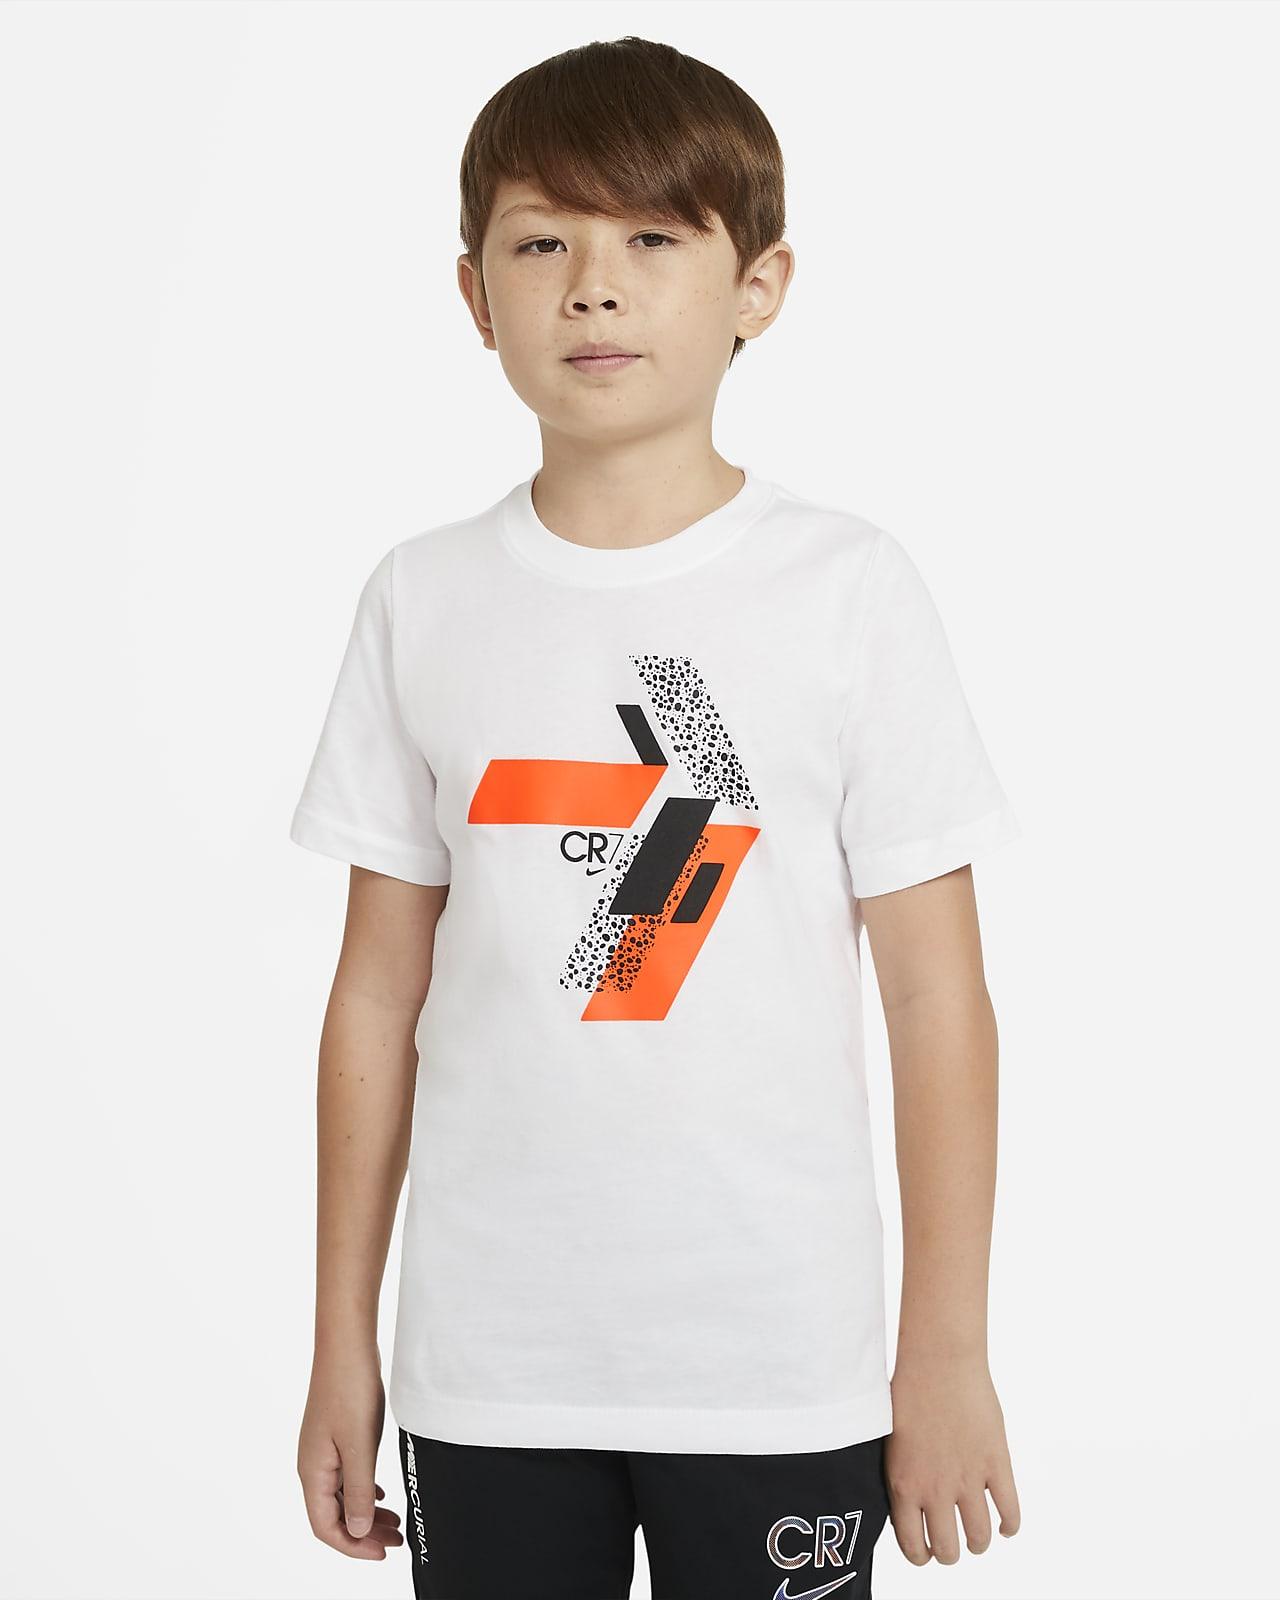 CR7 Older Kids' Football T-Shirt